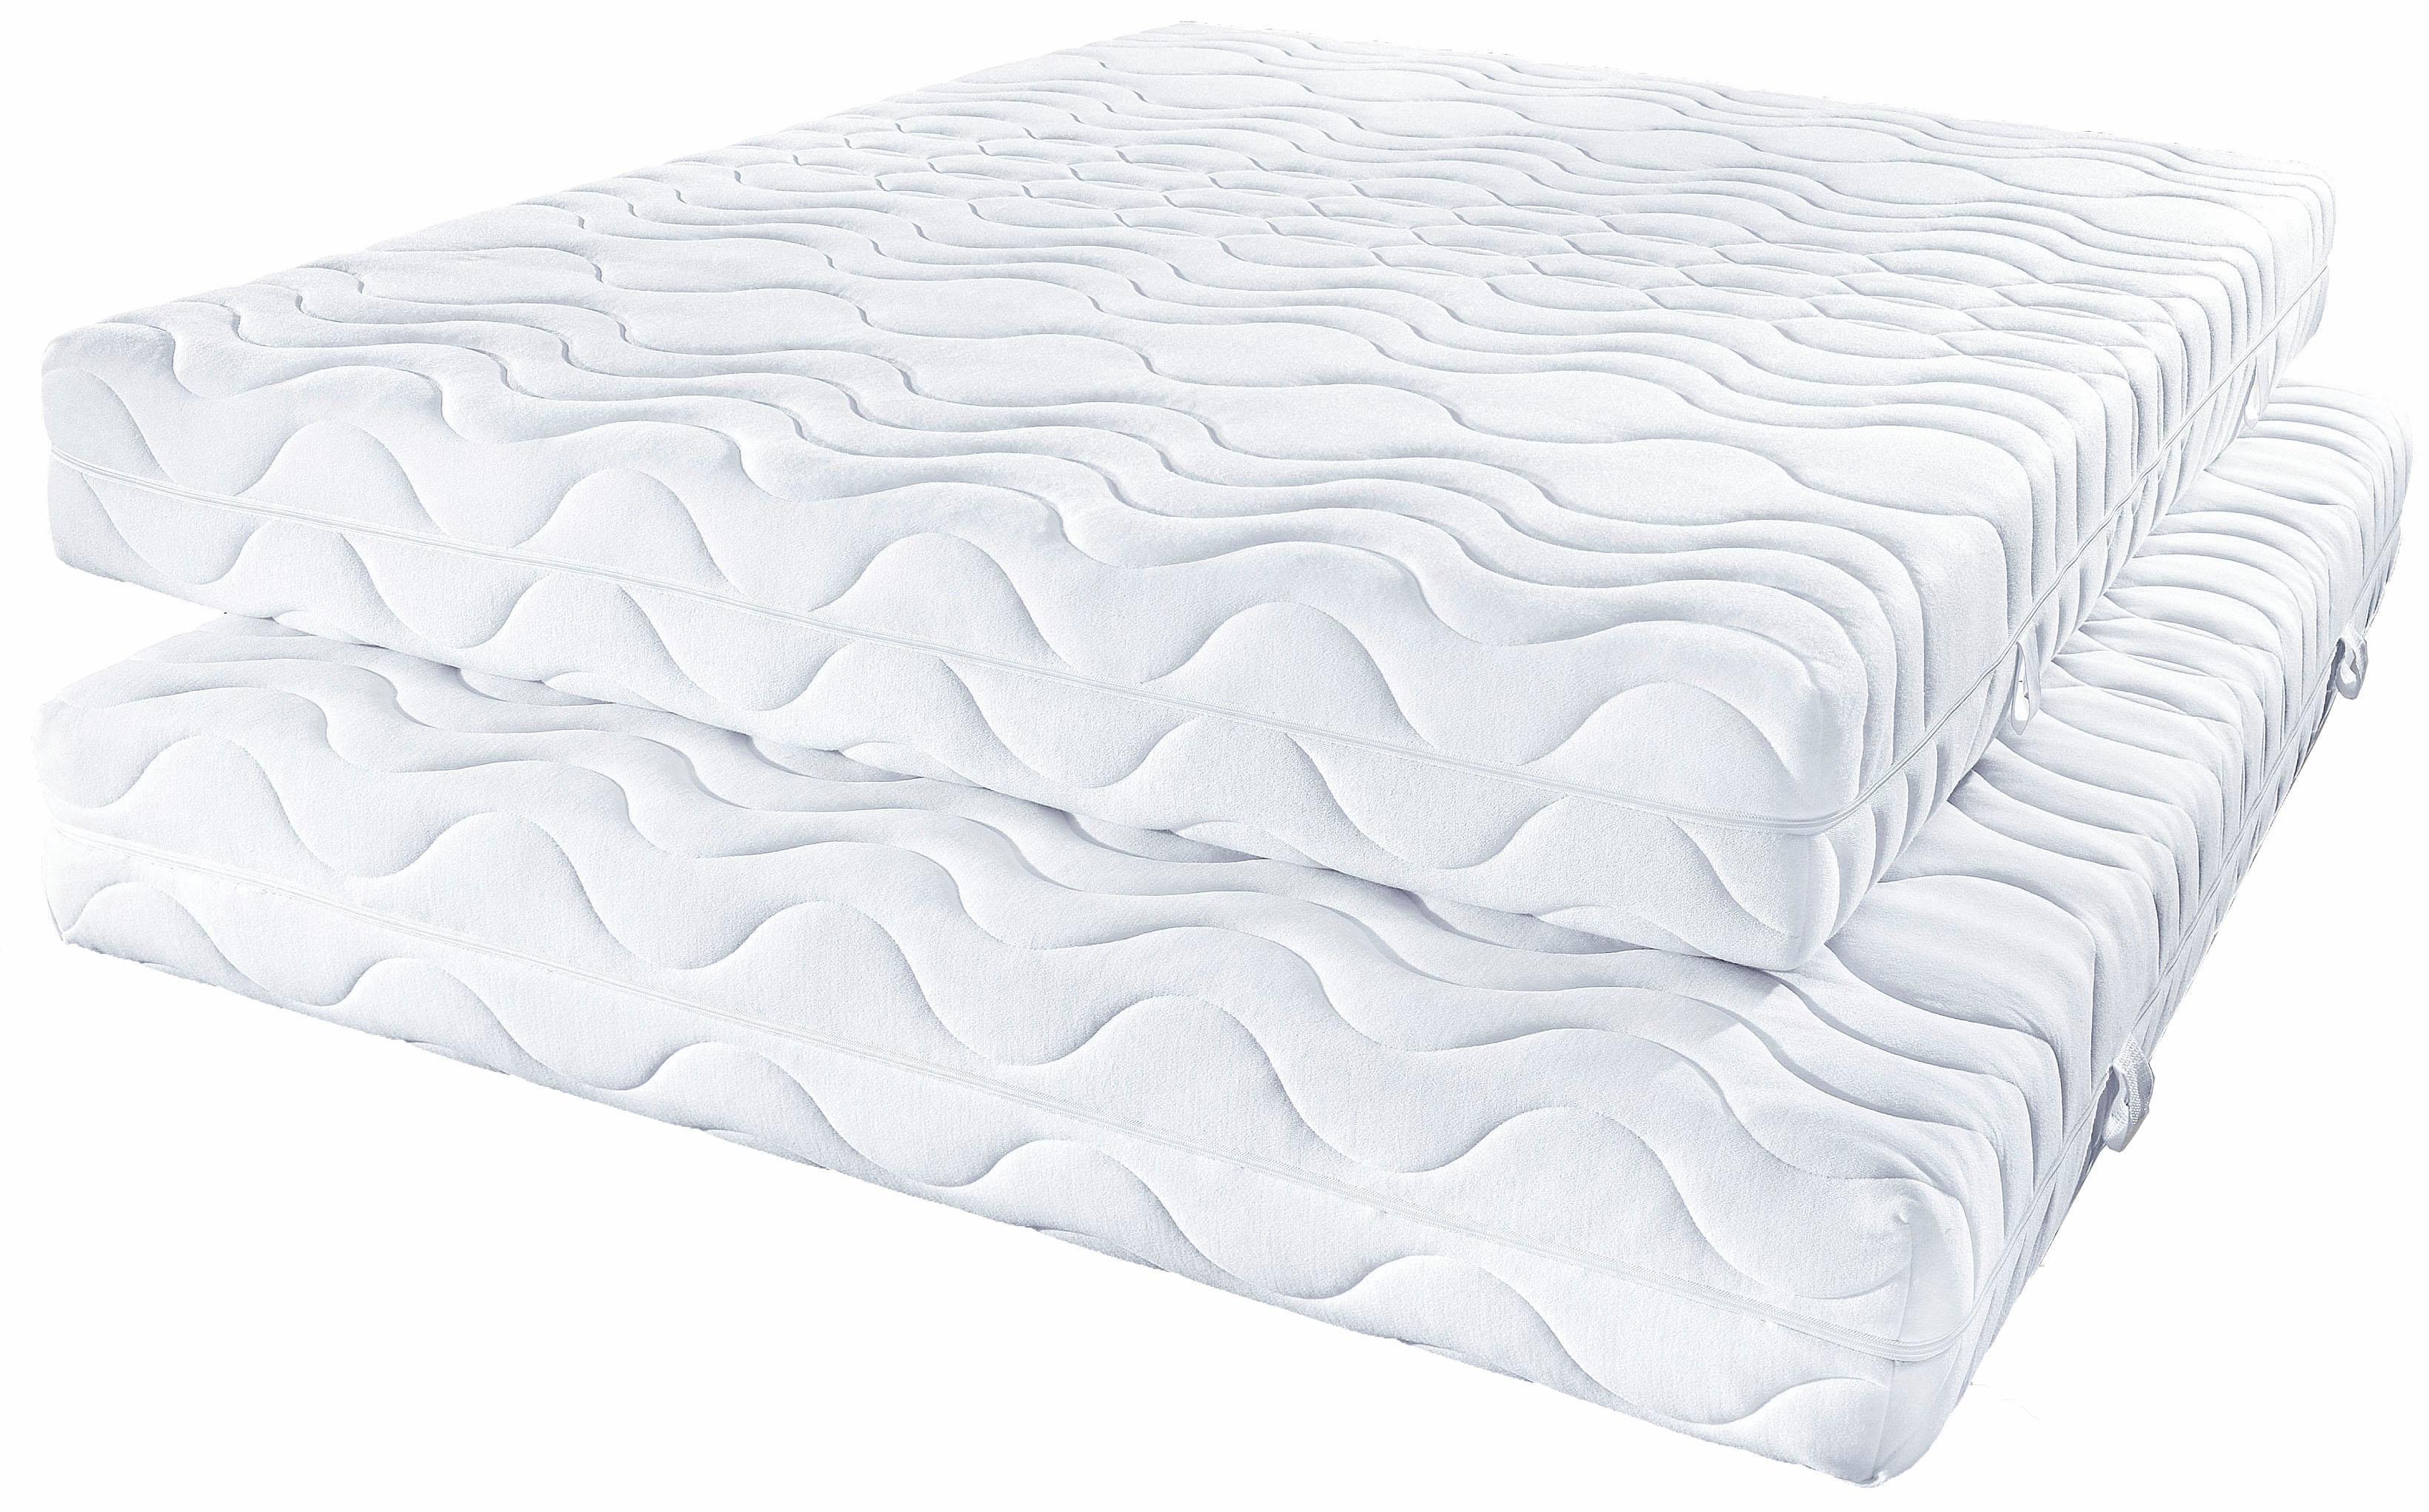 Komfortschaummatratze »Frottee KS«, Beco, 16 cm hoch, Raumgewicht: 28, (1-tlg), elastisch, universell und bequemes Handling | Schlafzimmer > Matratzen > Kaltschaum-matratzen | Beco